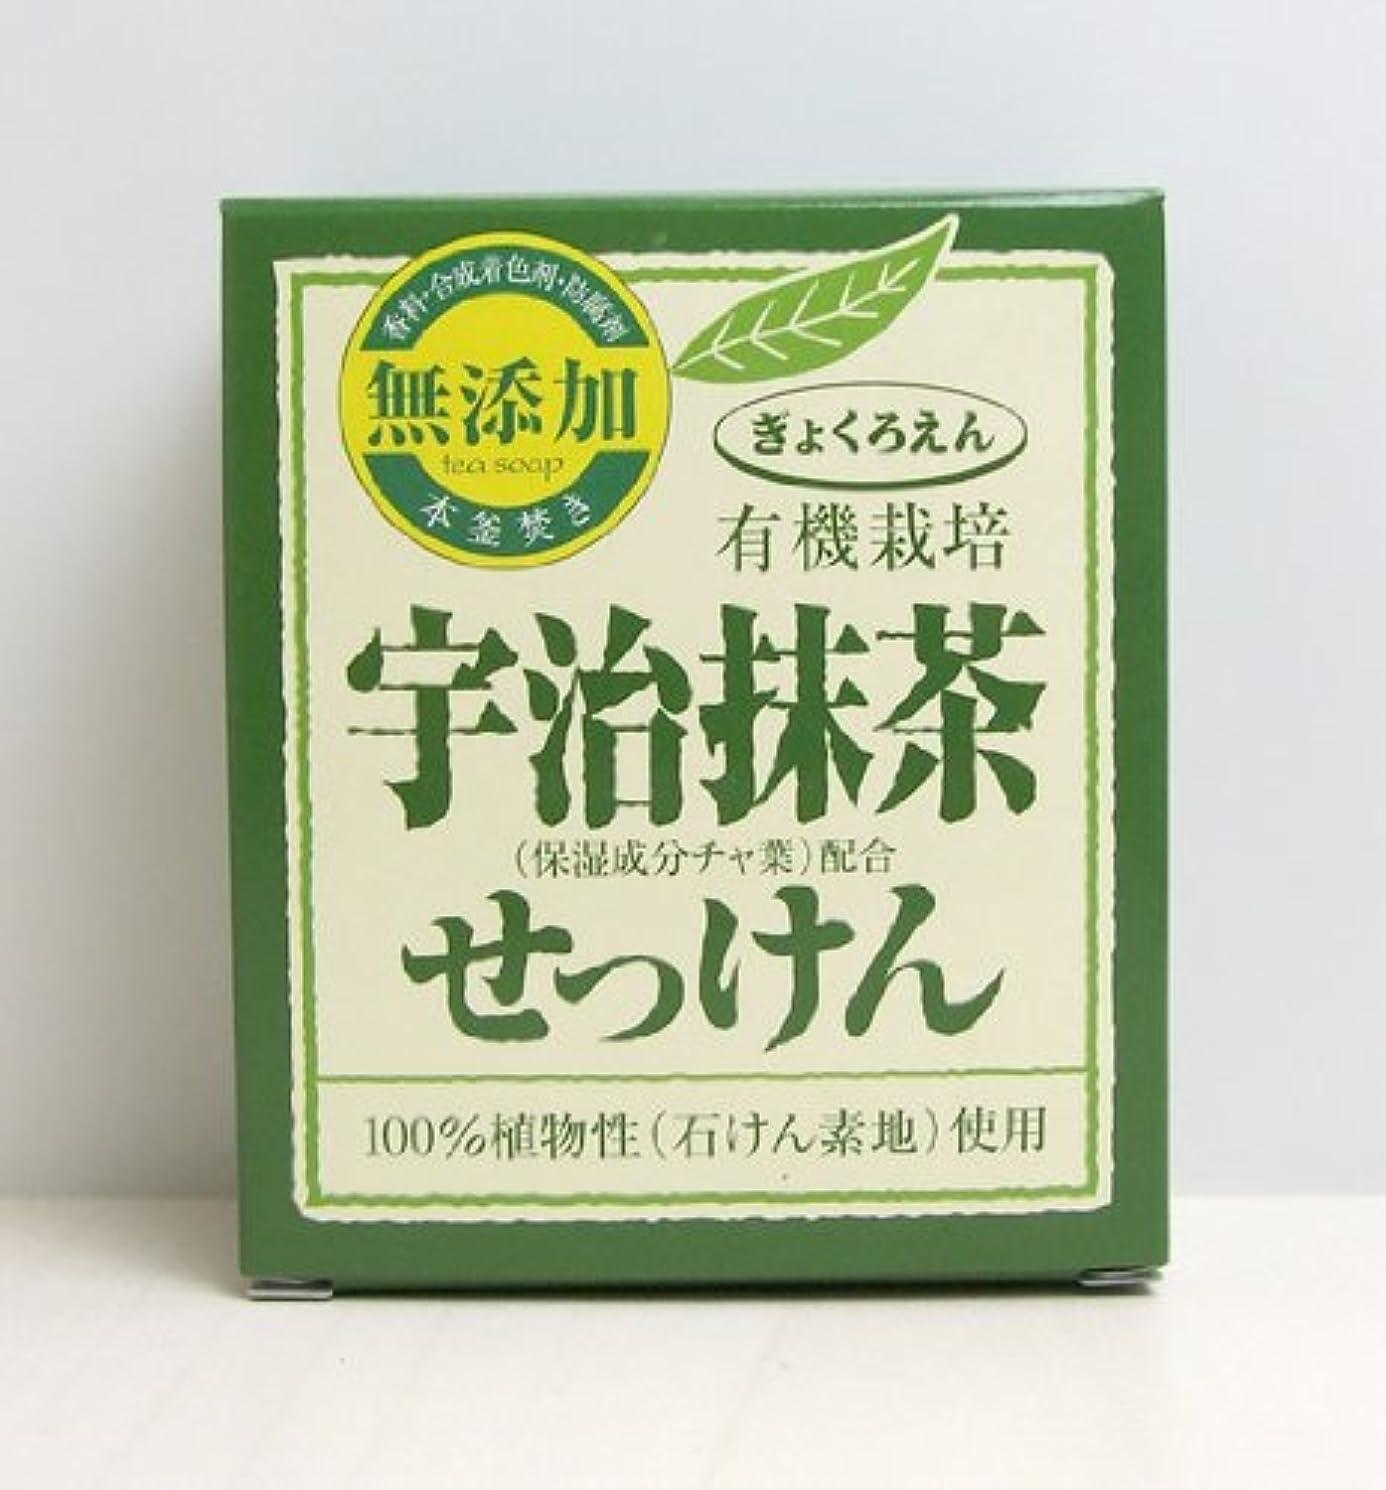 サンダースマイクロ船お茶のせっけん:有機栽培宇治抹茶せっけん